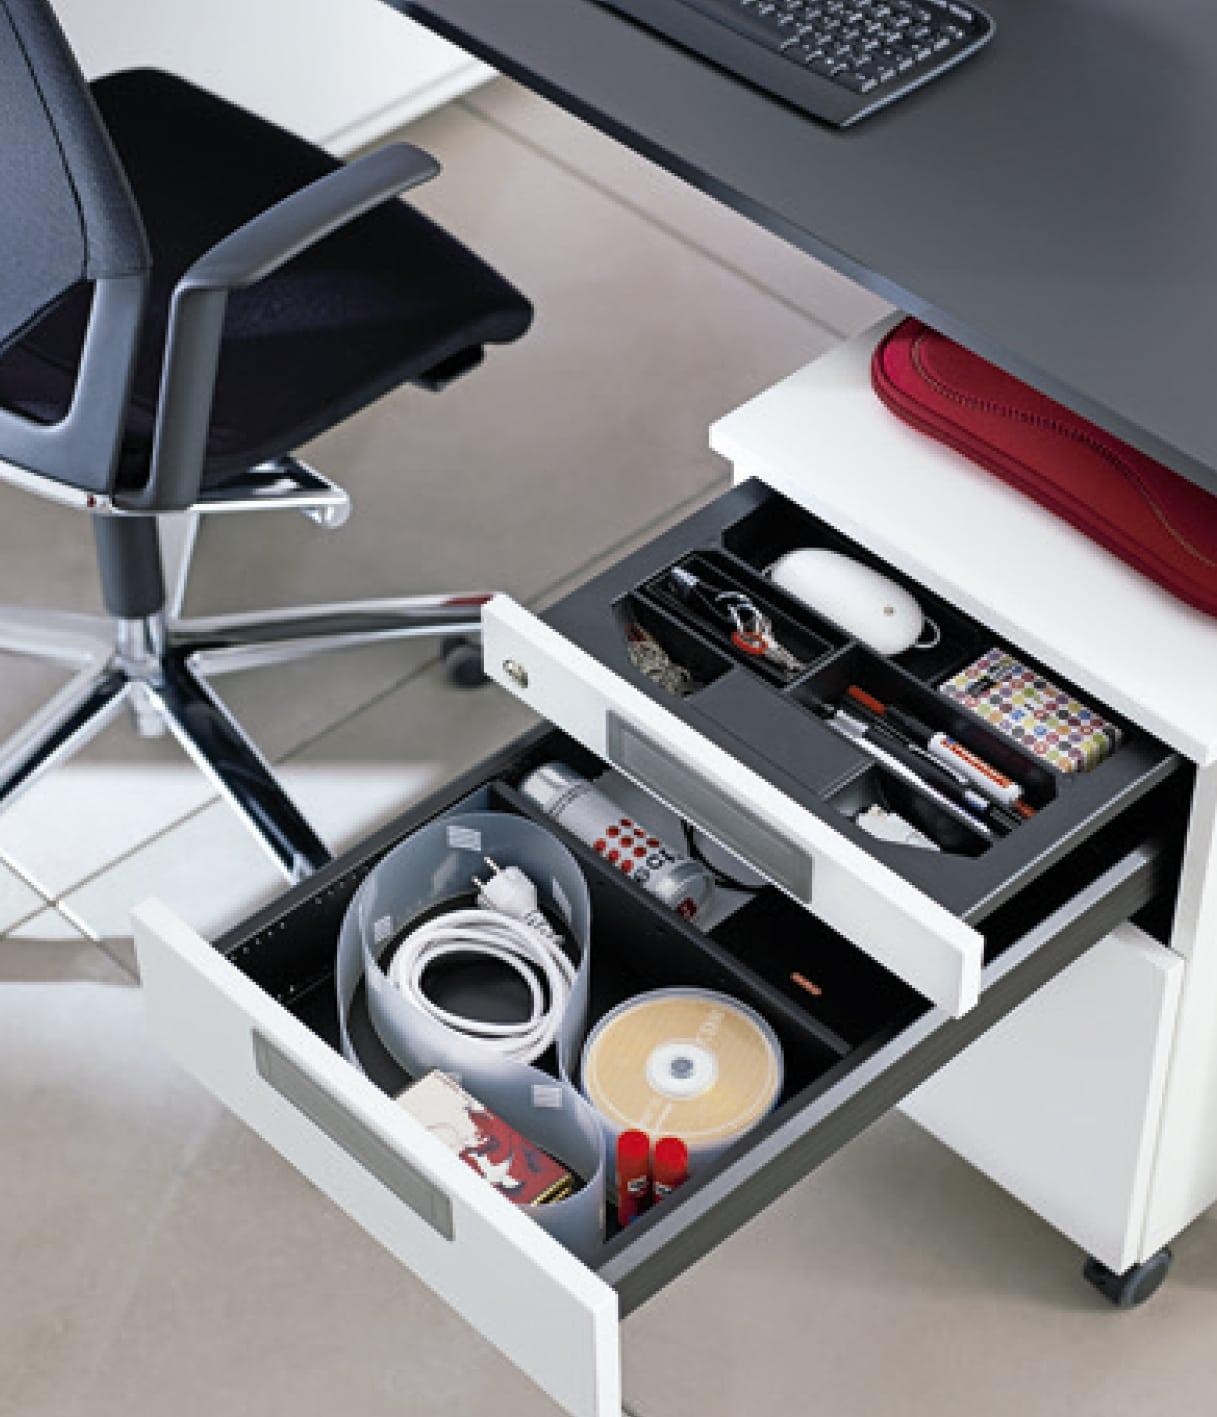 Muebles organizados con el Systema Top 2000 de Hettich